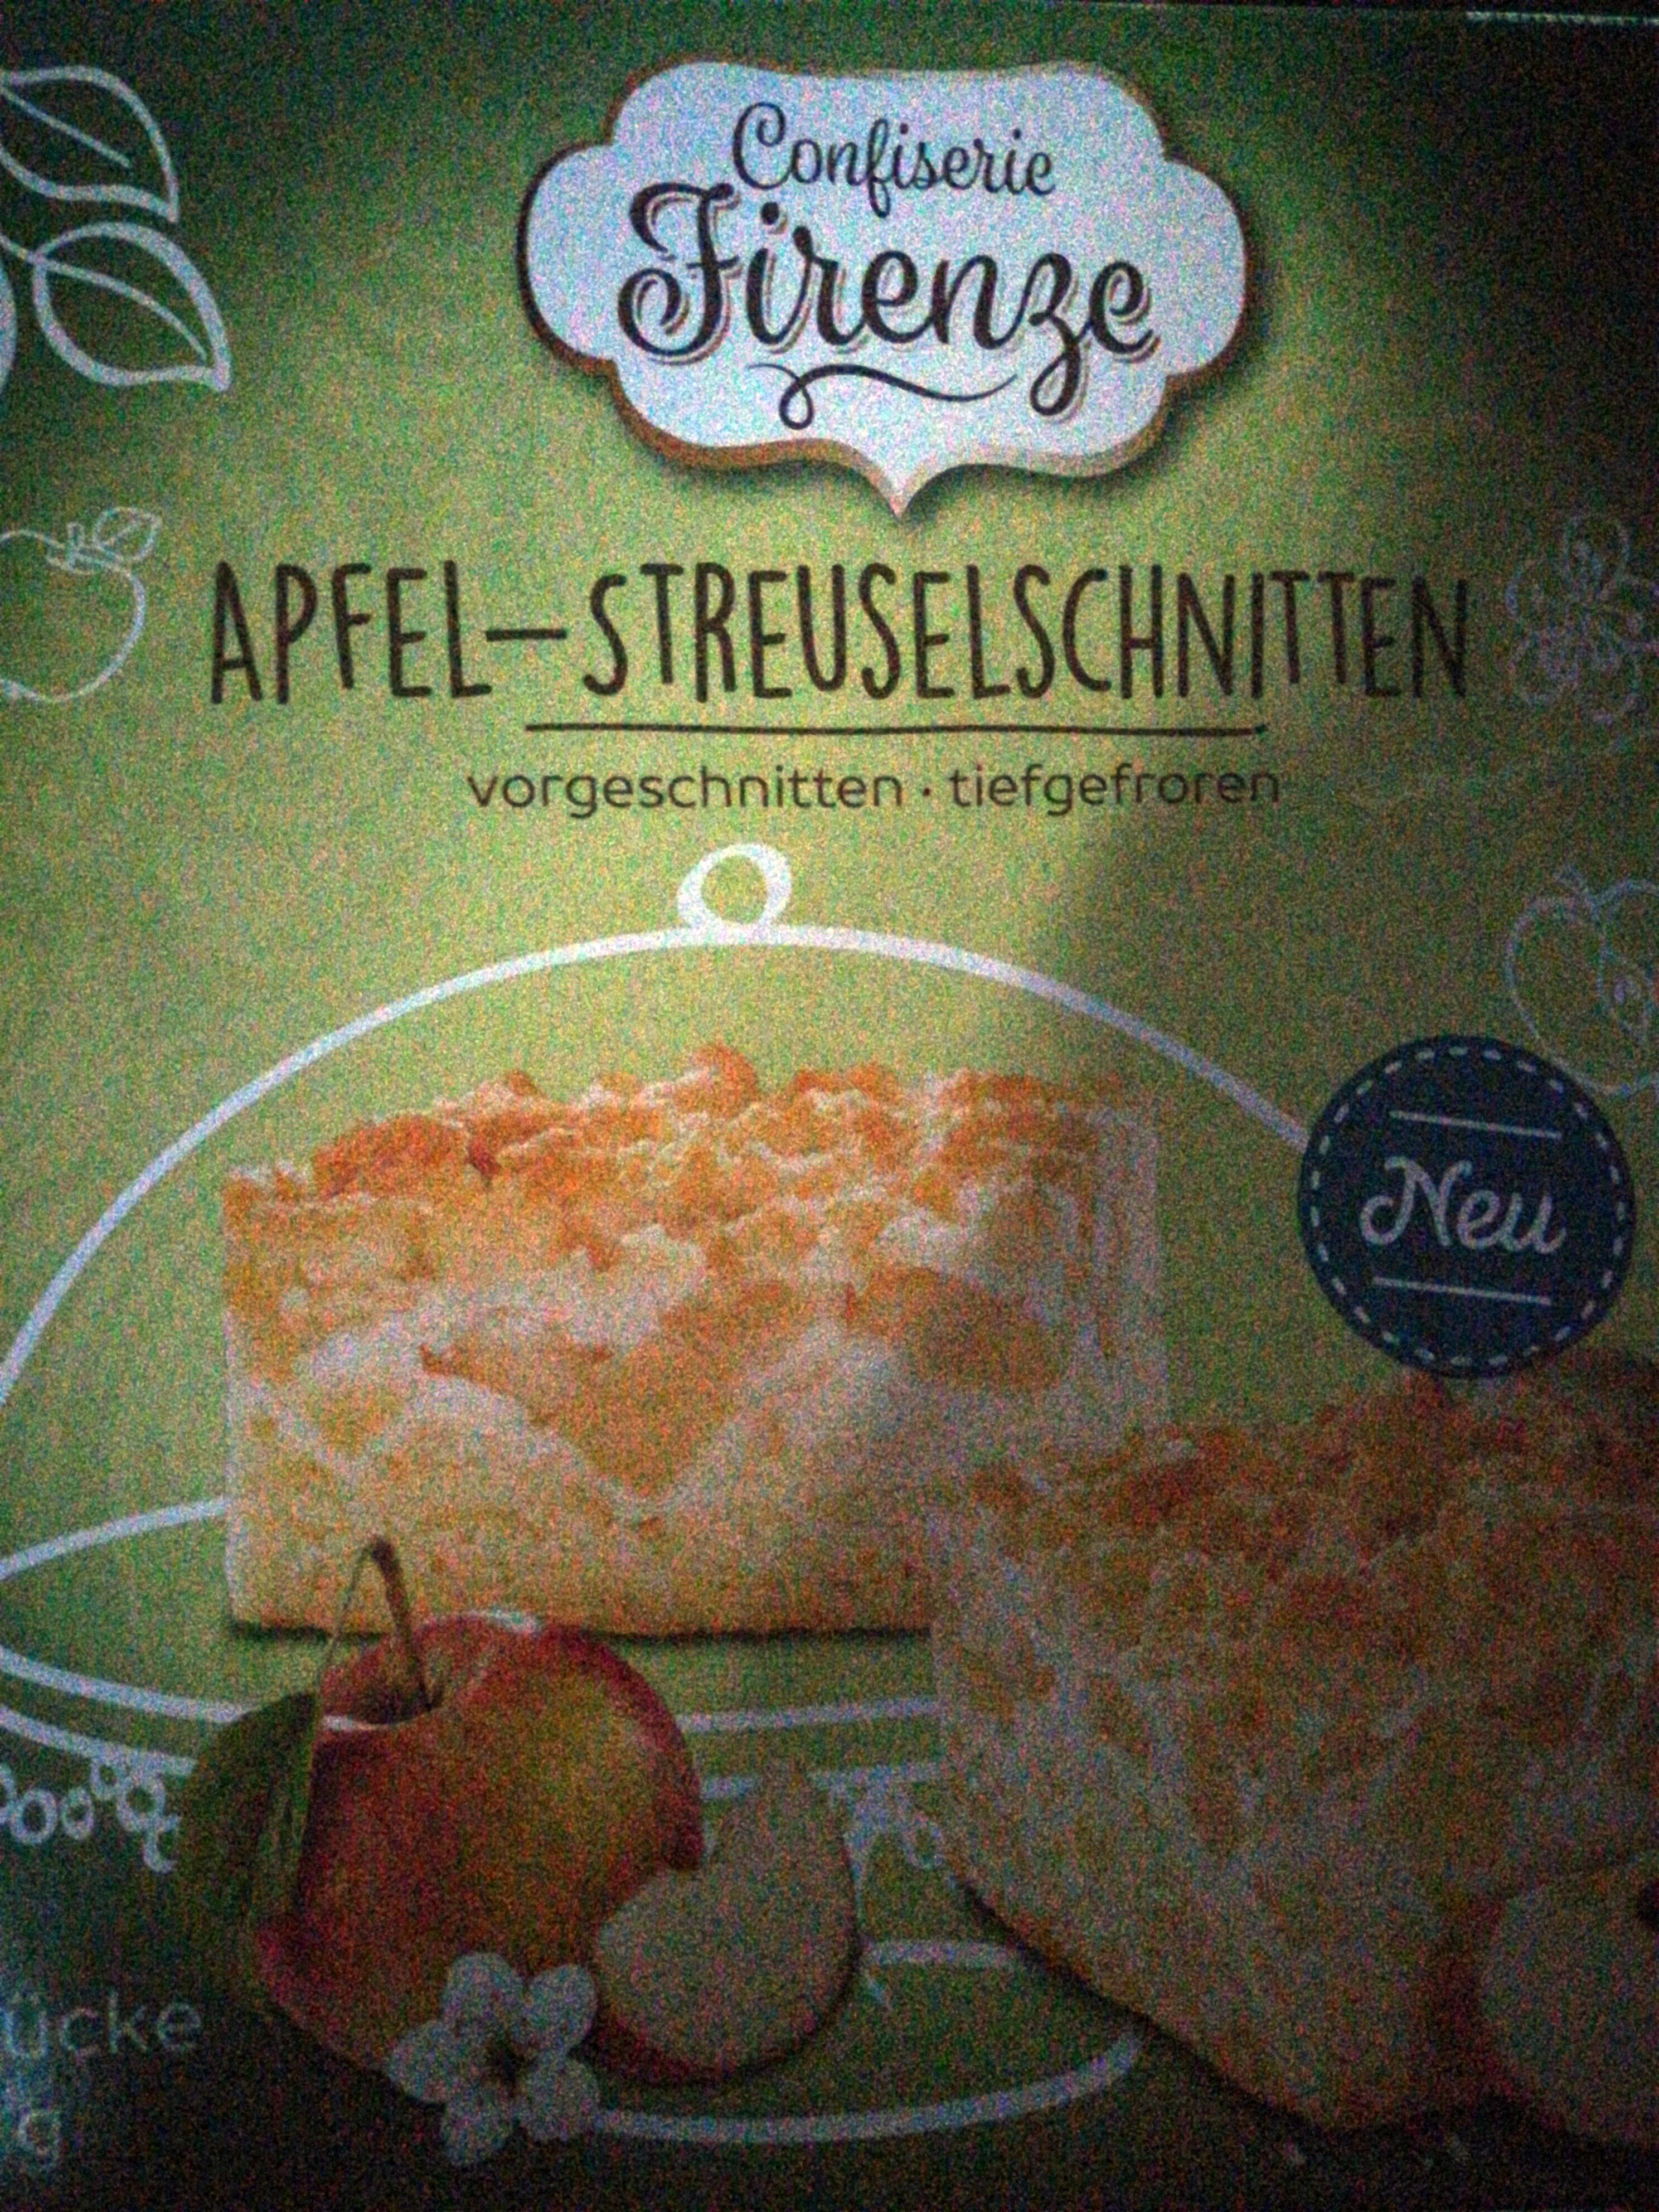 Apfel-Streuselschnitten - Produit - de